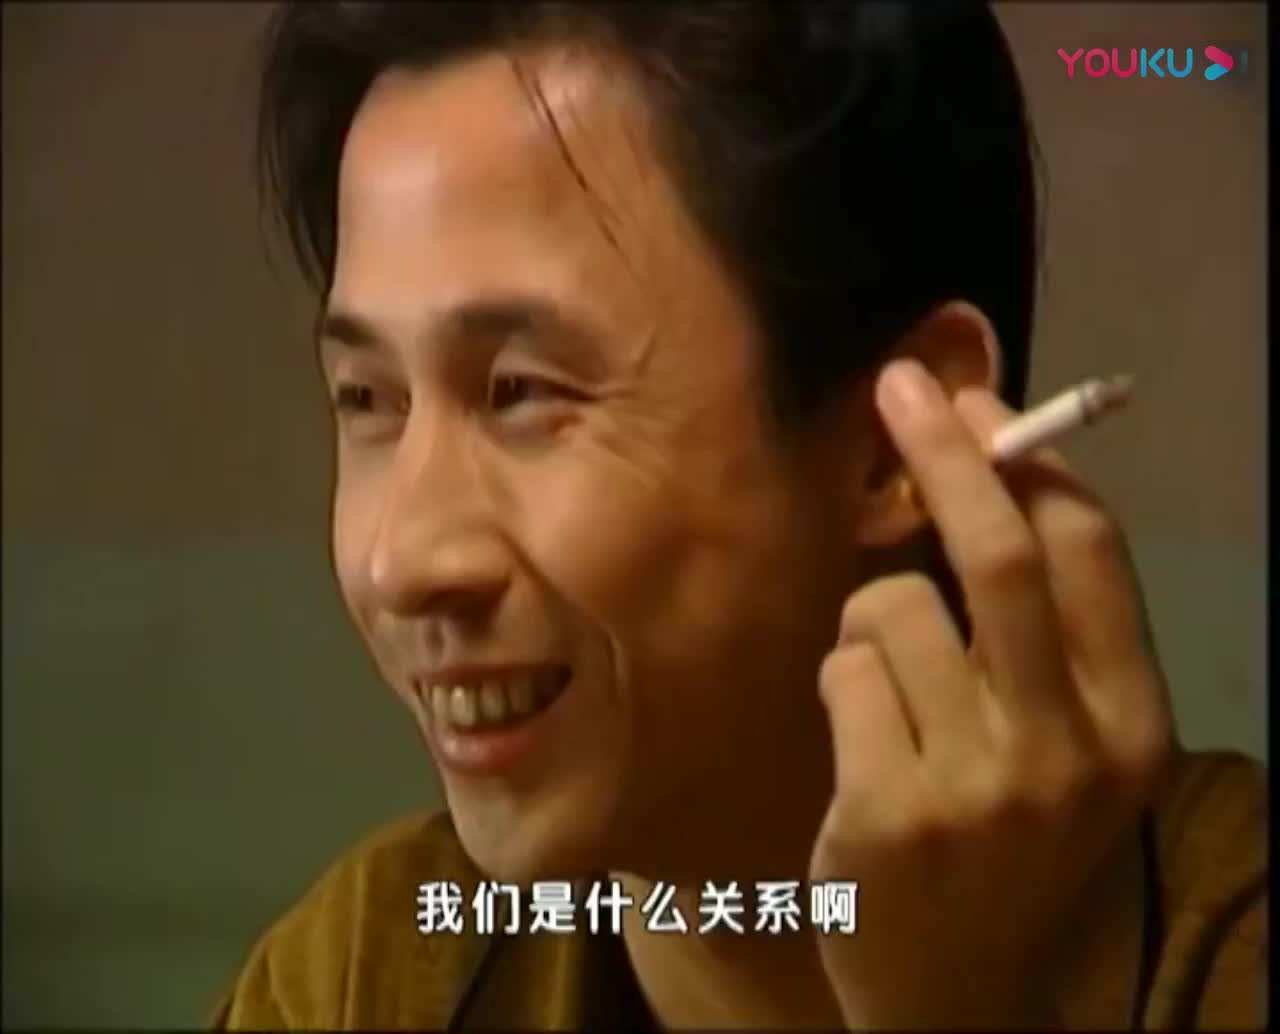 妻子和别人打麻将,老公弯腰捡麻将时无意中竟发现妻子的秘密